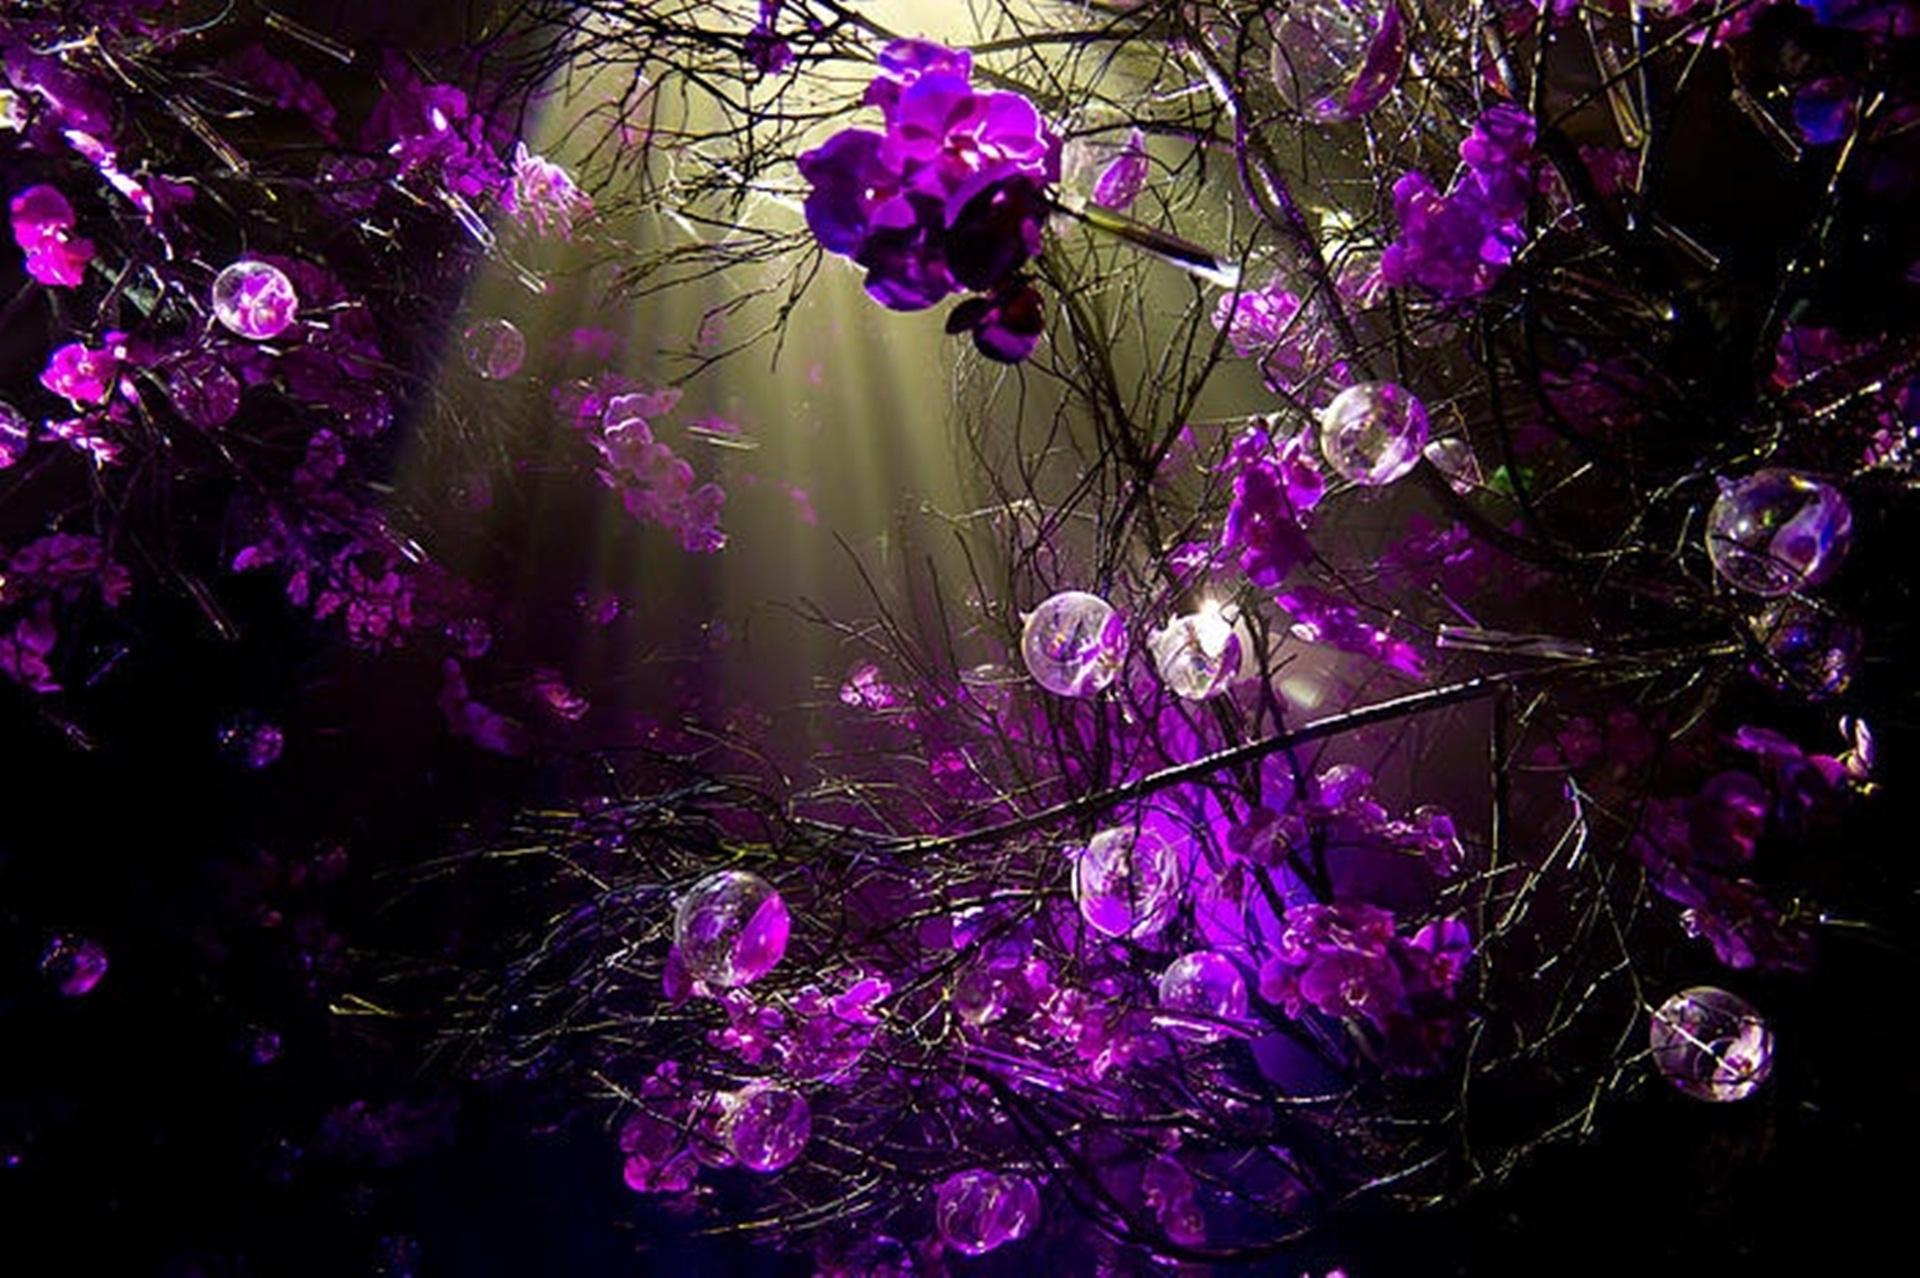 purple sprigs desktop background wallpaper by doantrangnguyen 1920x1278